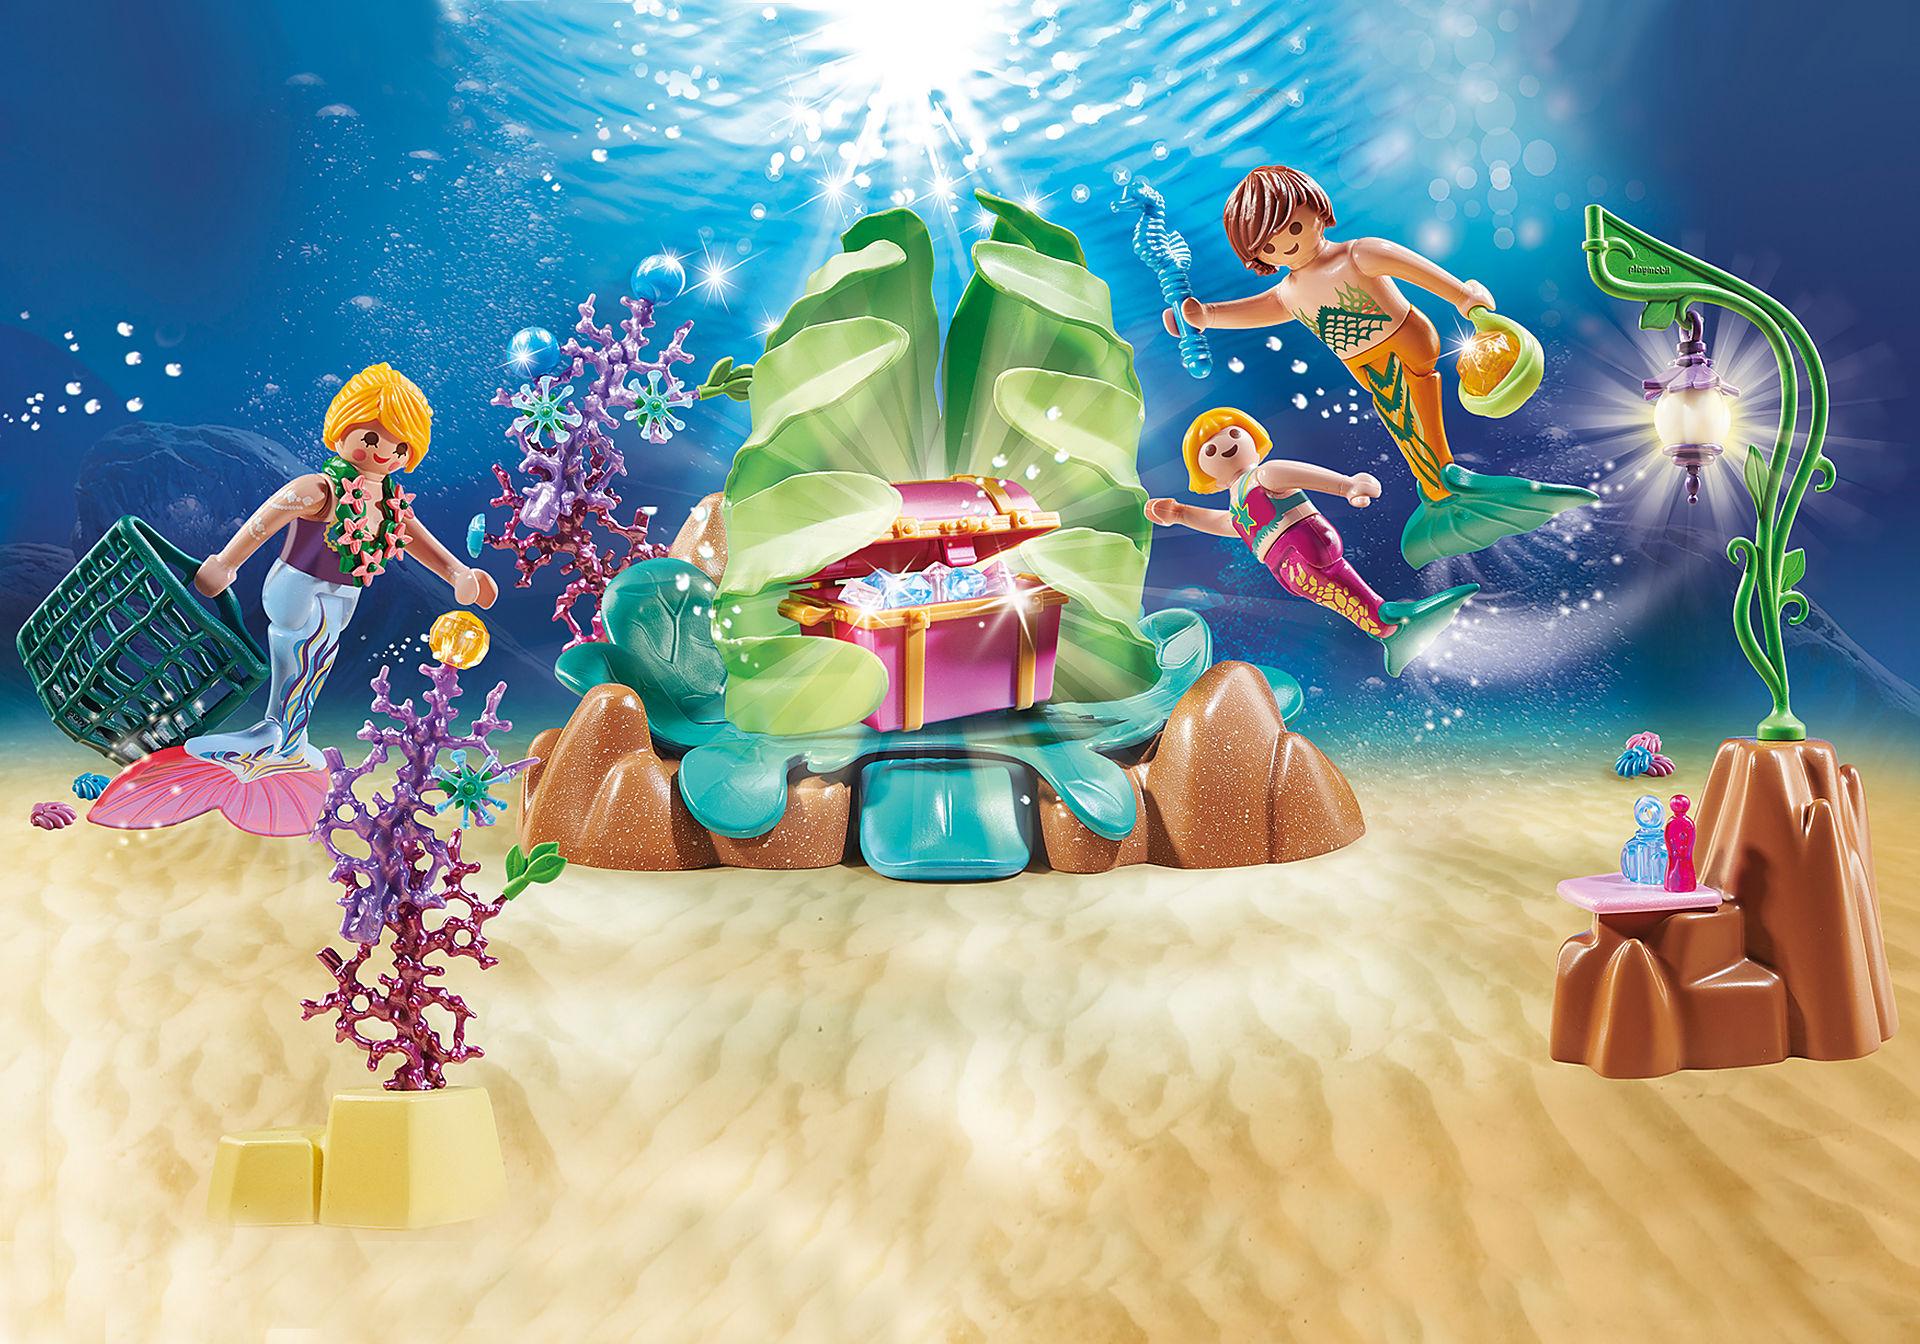 70368 Korallen-Lounge der Meerjungfrauen zoom image1